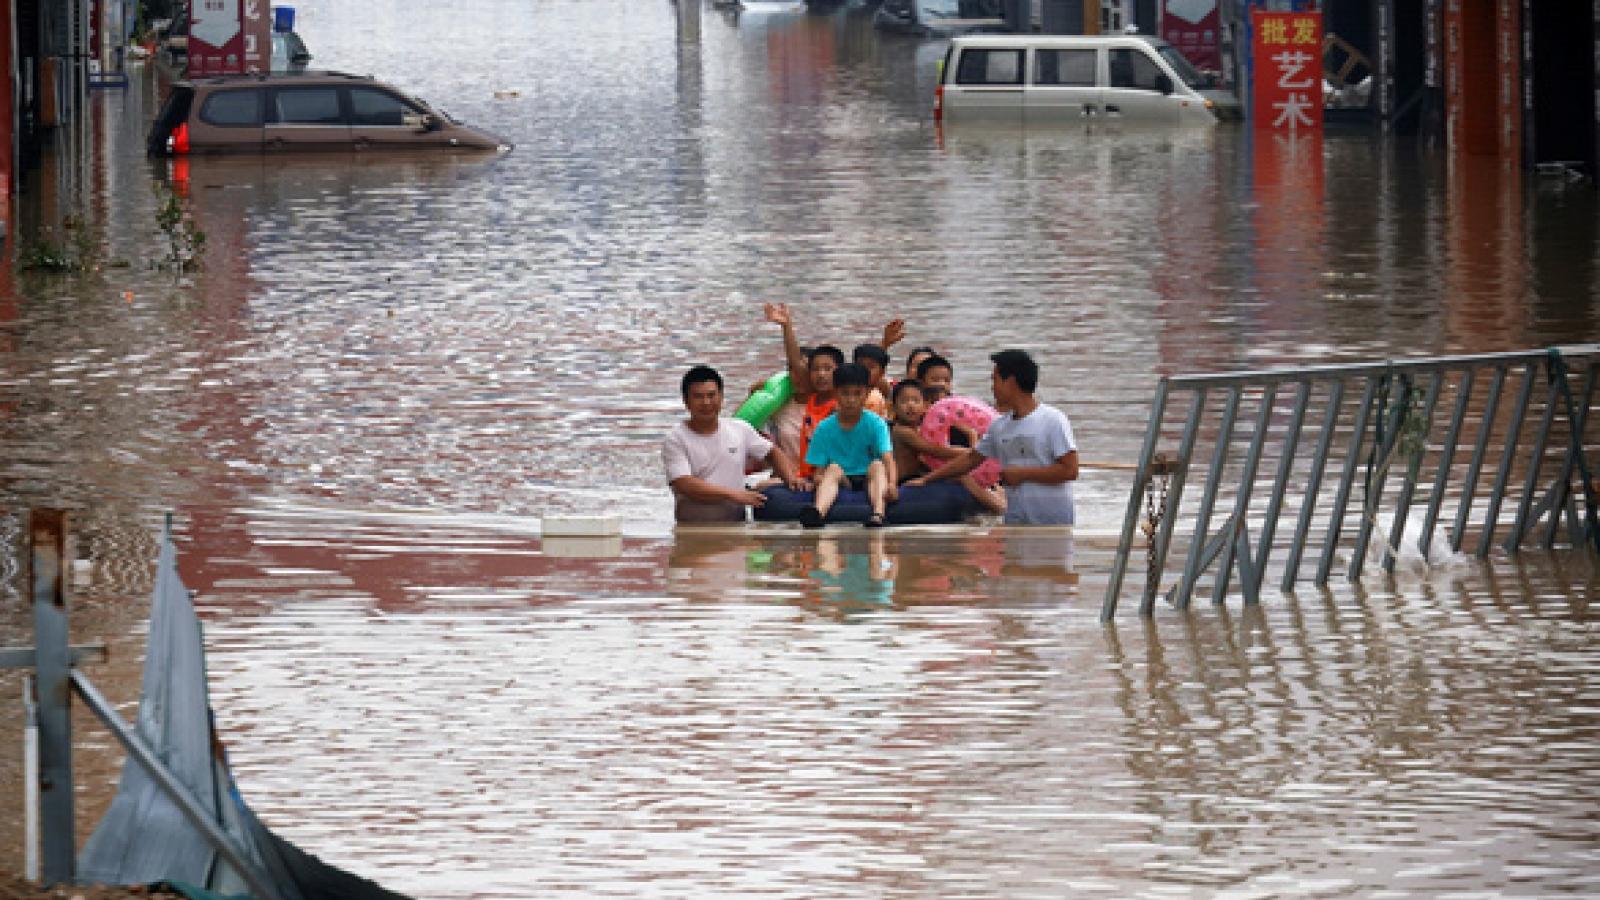 Khách sạn ở Trung Quốc bị phạt nặng do tăng giá tiền trong lúc mưa bão